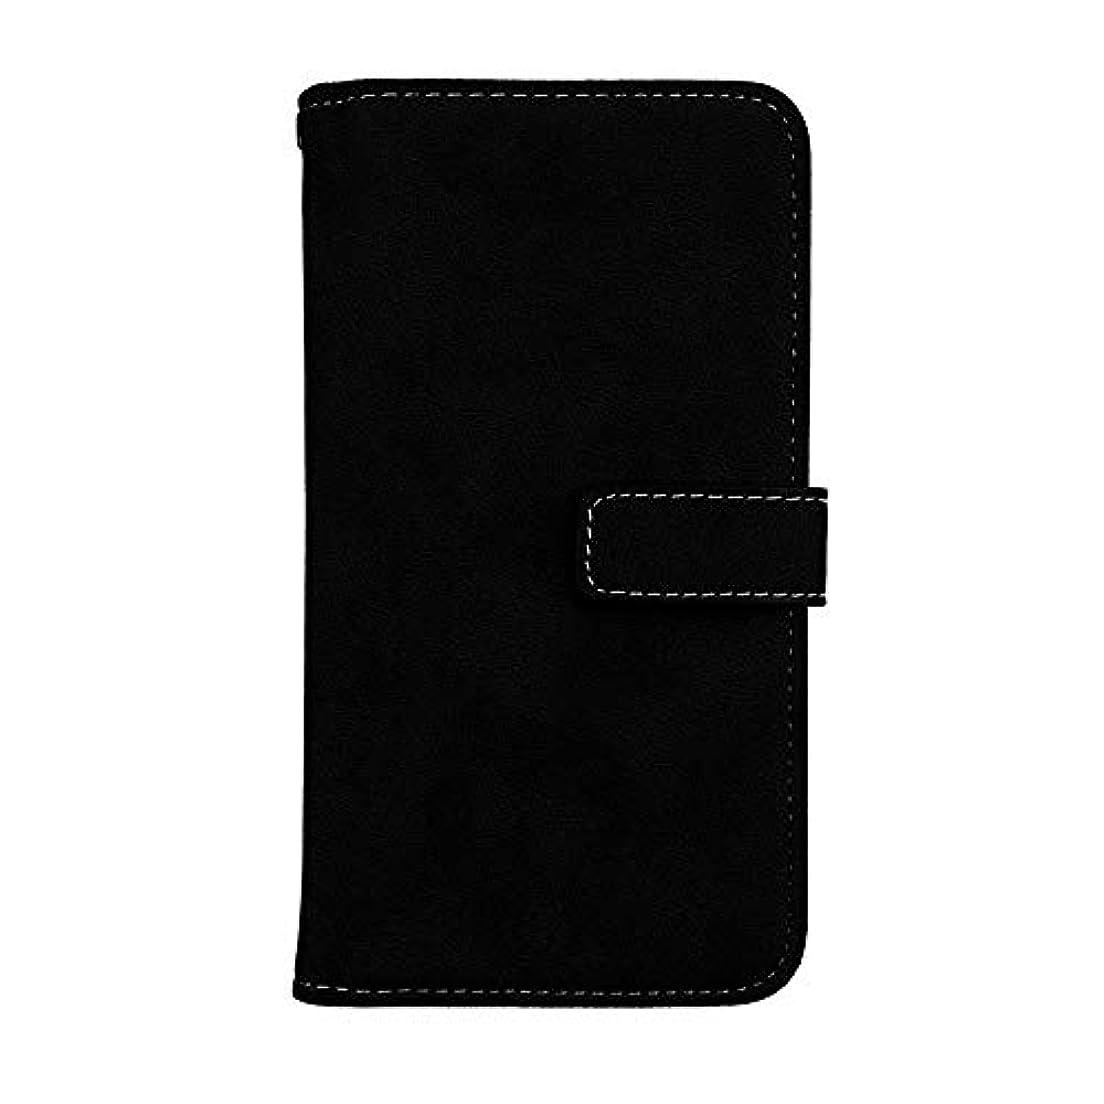 アジテーション昨日可愛いXiaomi Redmi Note 4 高品質 マグネット ケース, CUNUS 携帯電話 ケース 軽量 柔軟 高品質 耐摩擦 カード収納 カバー Xiaomi Redmi Note 4 用, ブラック